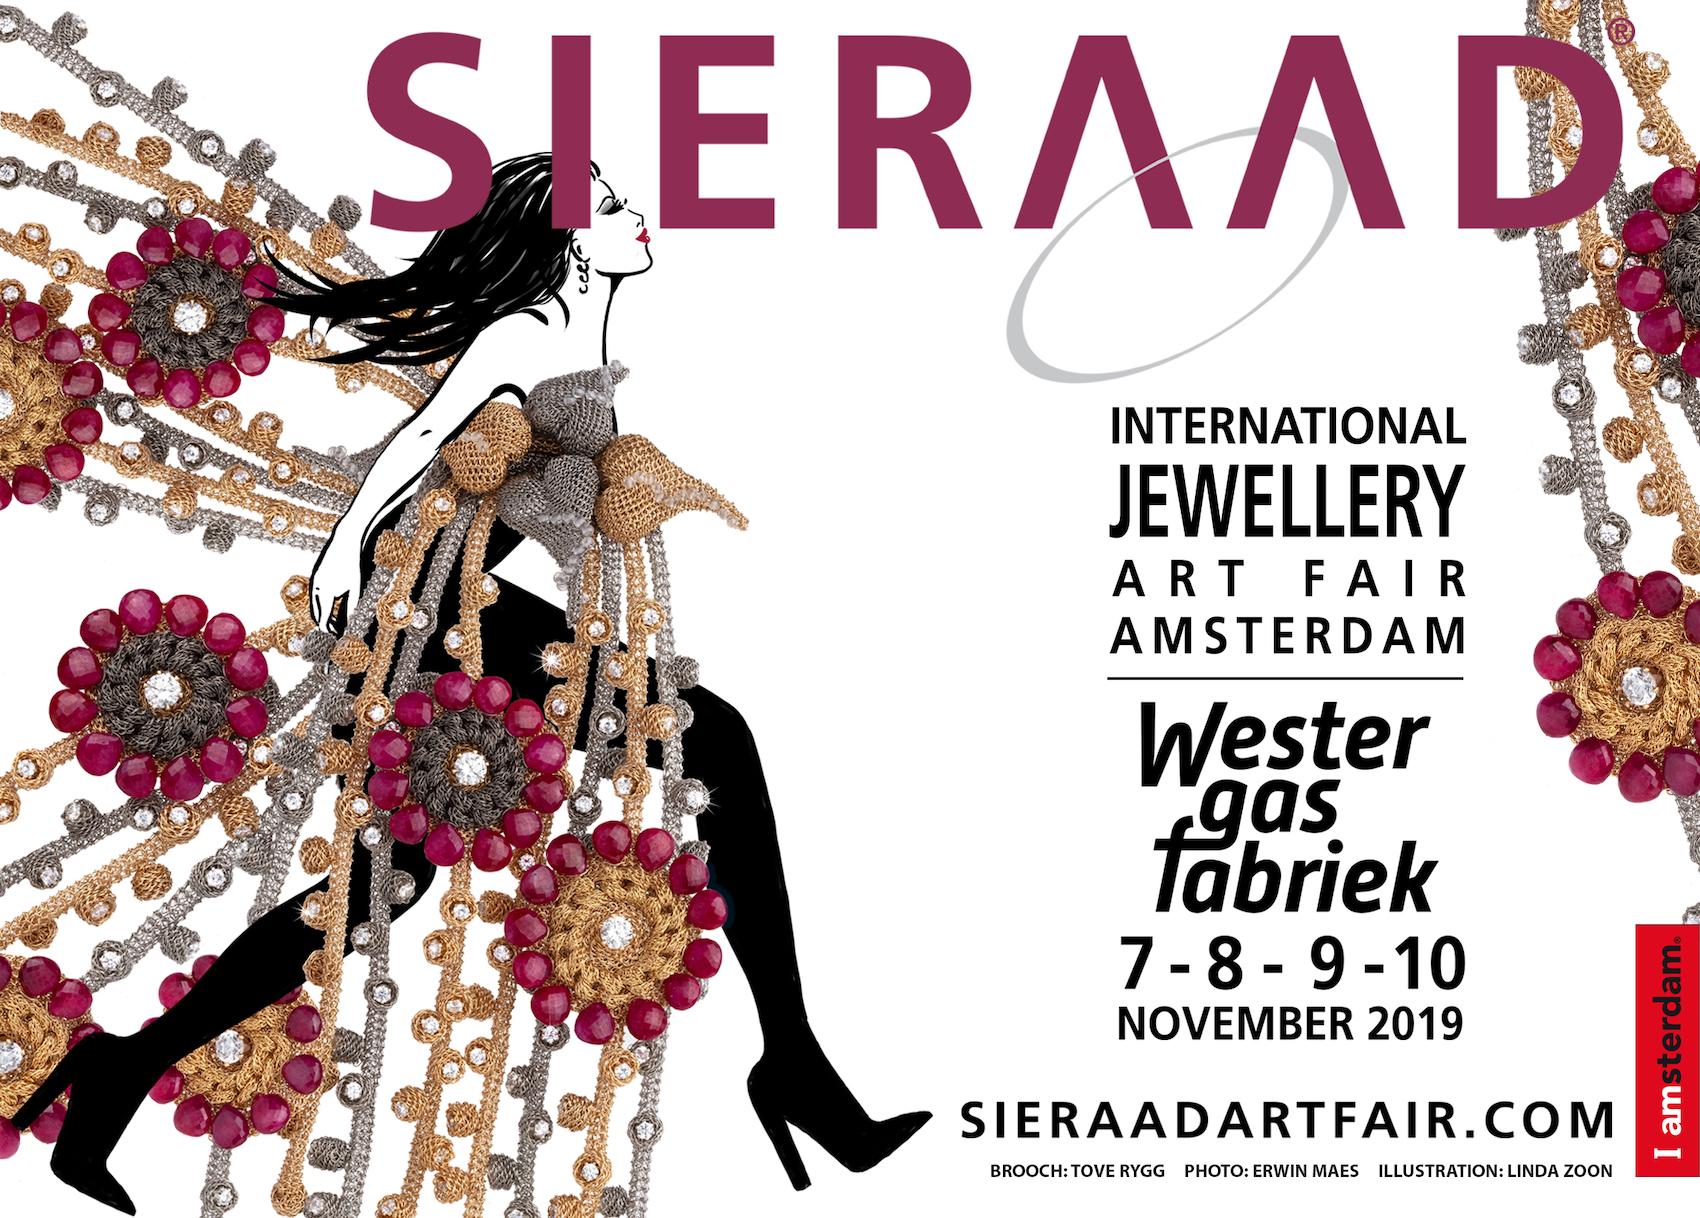 International Jewellery Art Fair Amsterdam, où nous avonsété sélectionnés